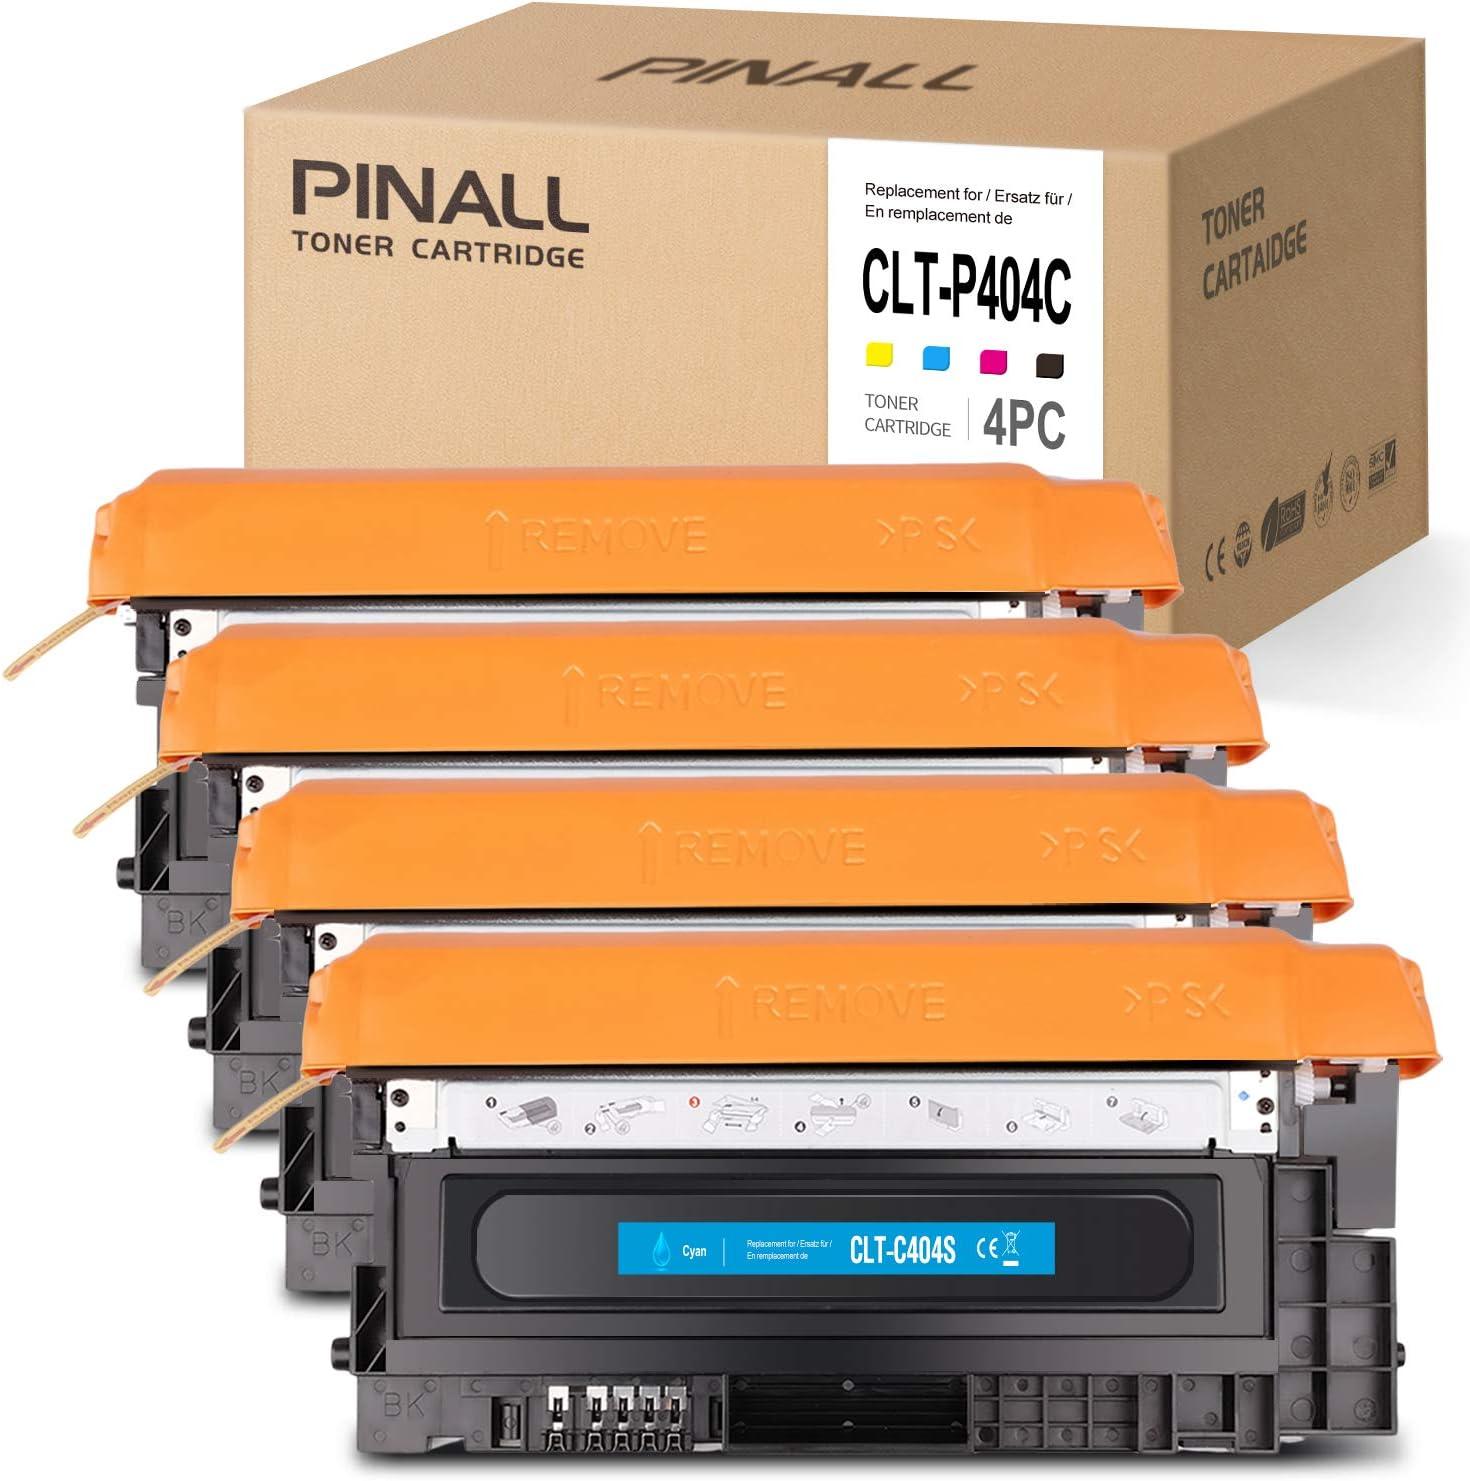 Pinall 4 Toner Kompatibel Mit Samsung Clt P404c Für Samsung C480w Xpress C480fw C480 C480fn C430 C430w Drucker Schwarz Cyan Magenta Gelb Bürobedarf Schreibwaren